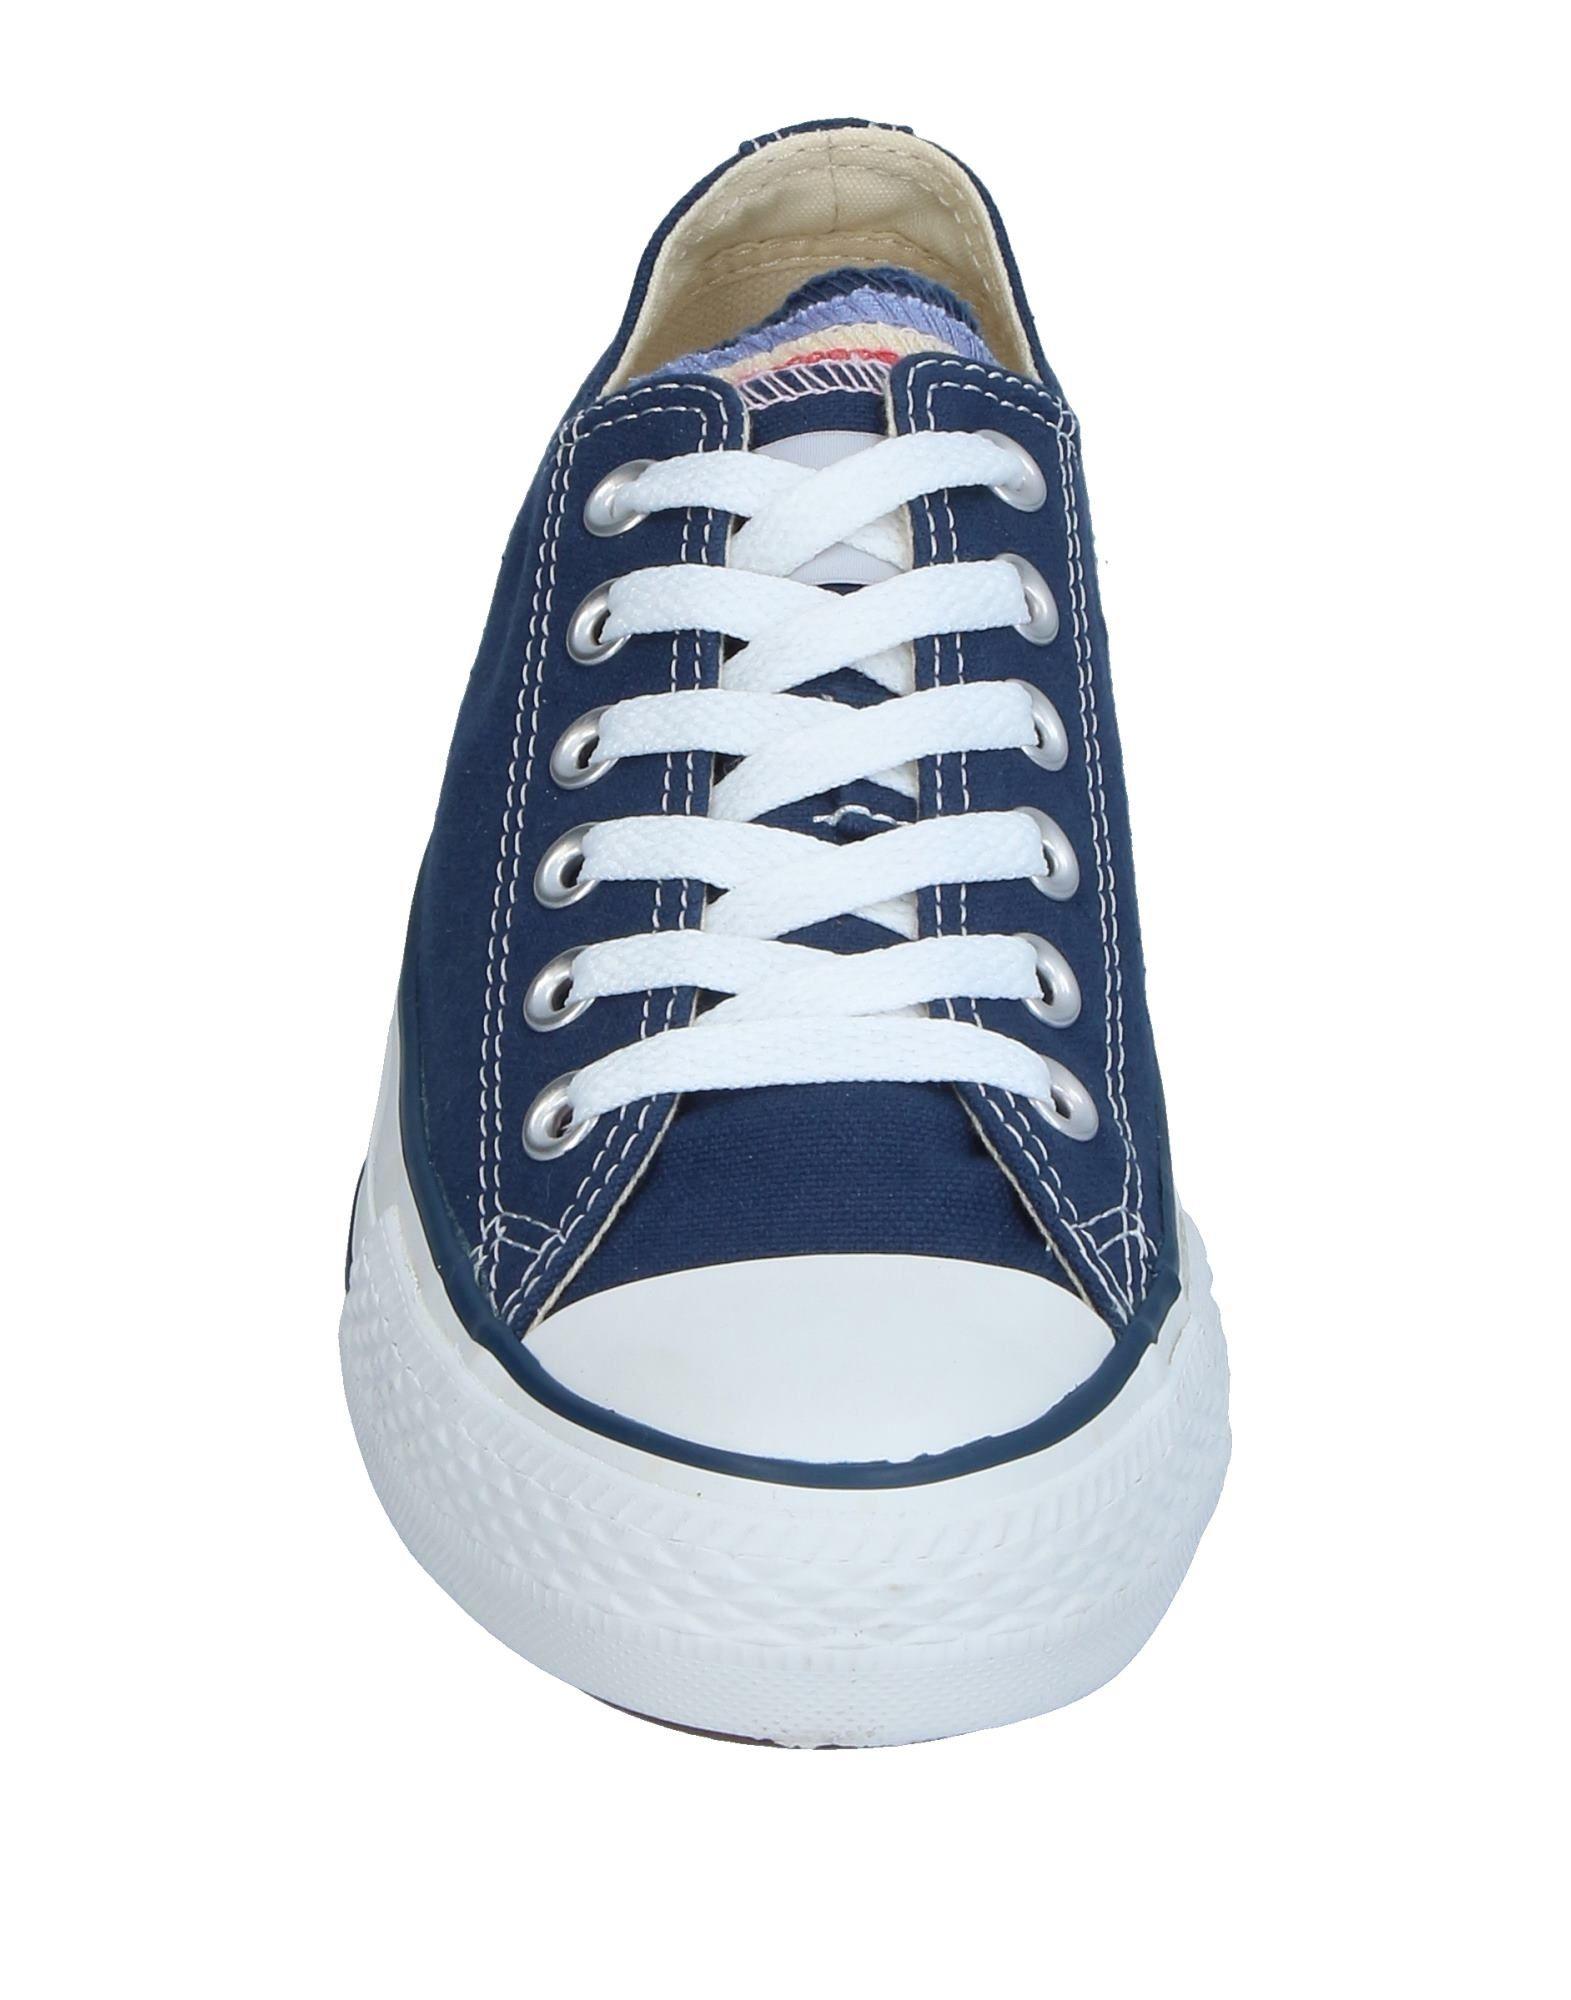 Converse All Star Sneakers beliebte Damen  11364564BO Gute Qualität beliebte Sneakers Schuhe cf029d